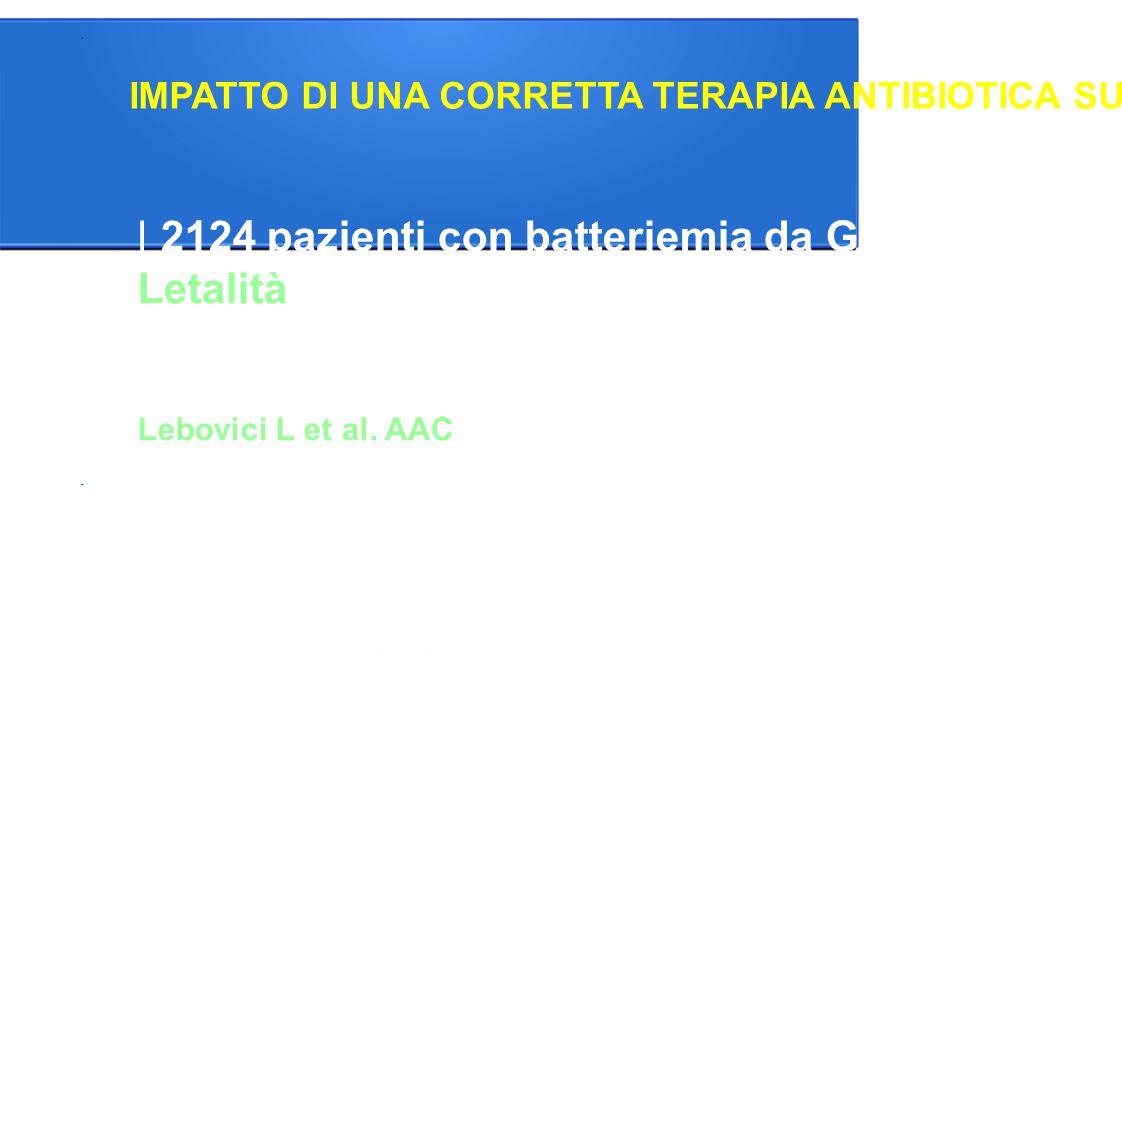 2124 pazienti con batteriemia da Gram negativi Letalità: